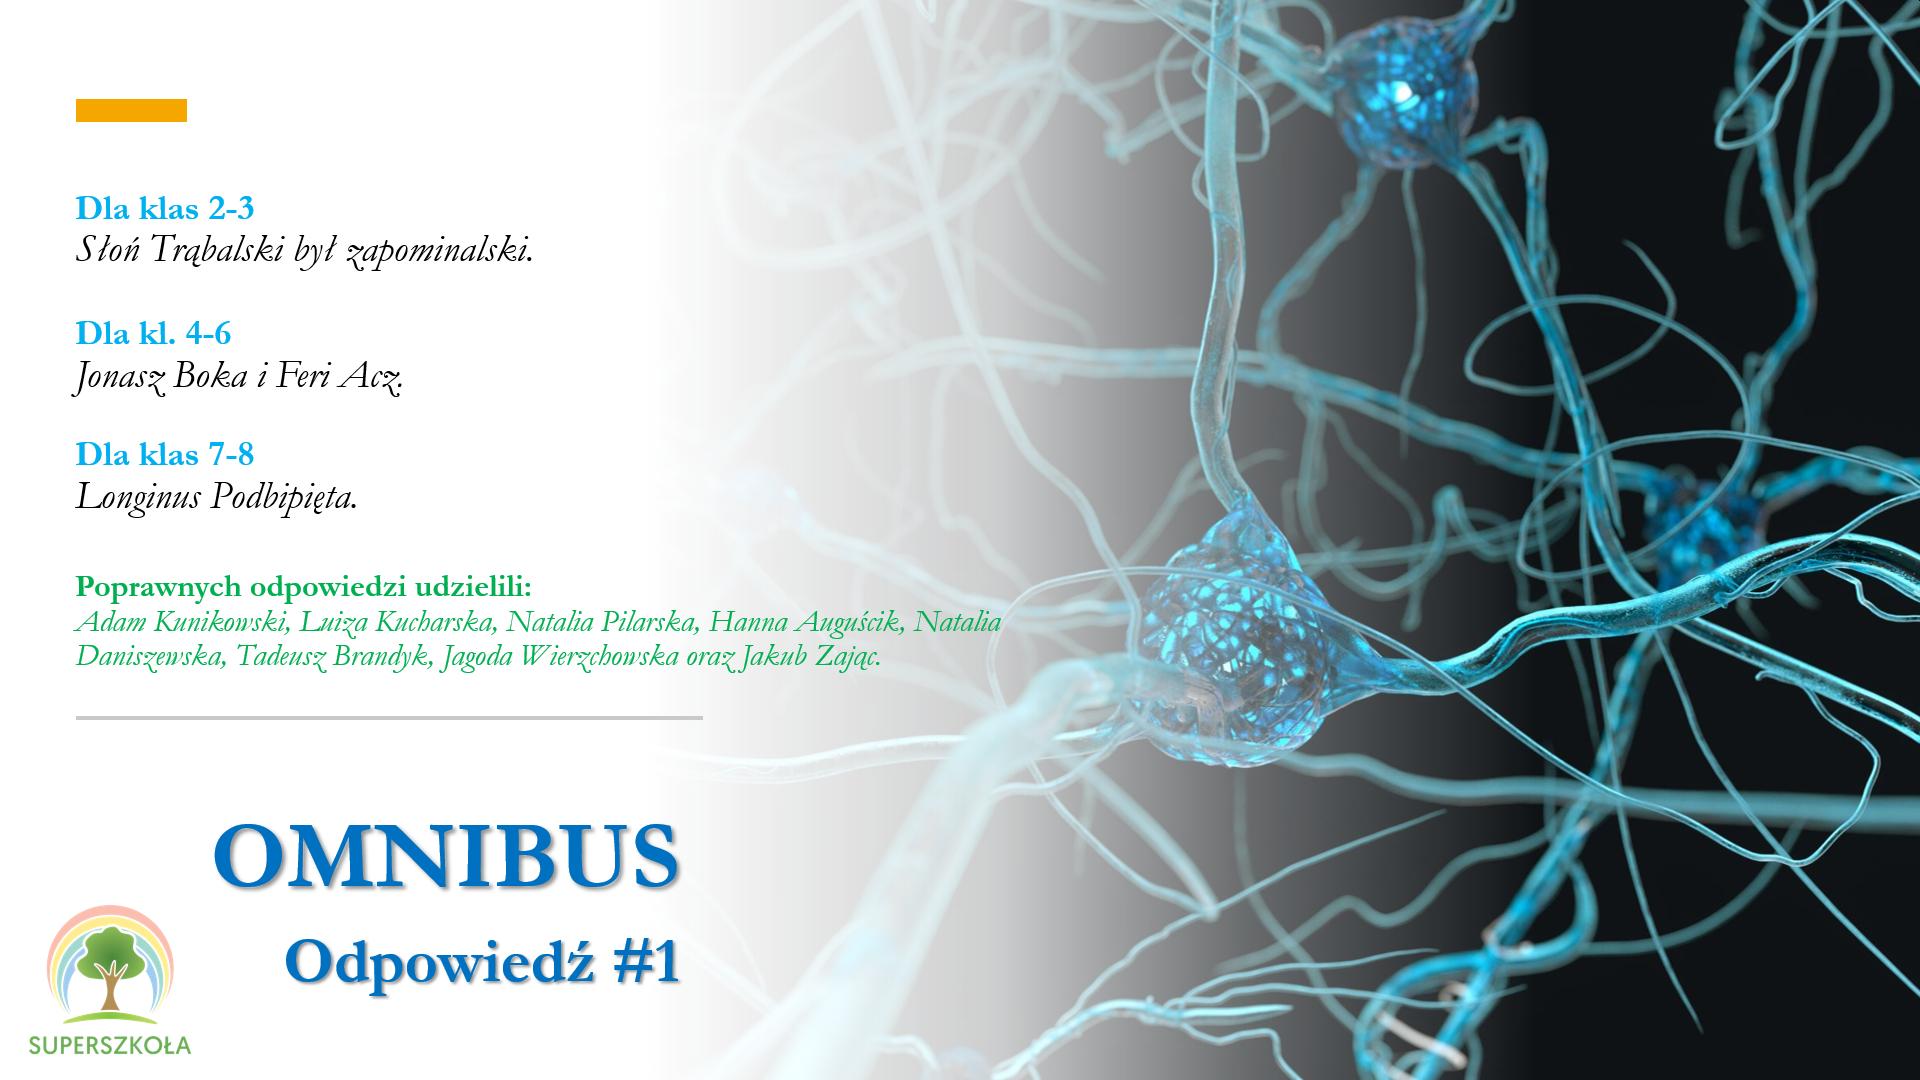 Omnibus_odp_1